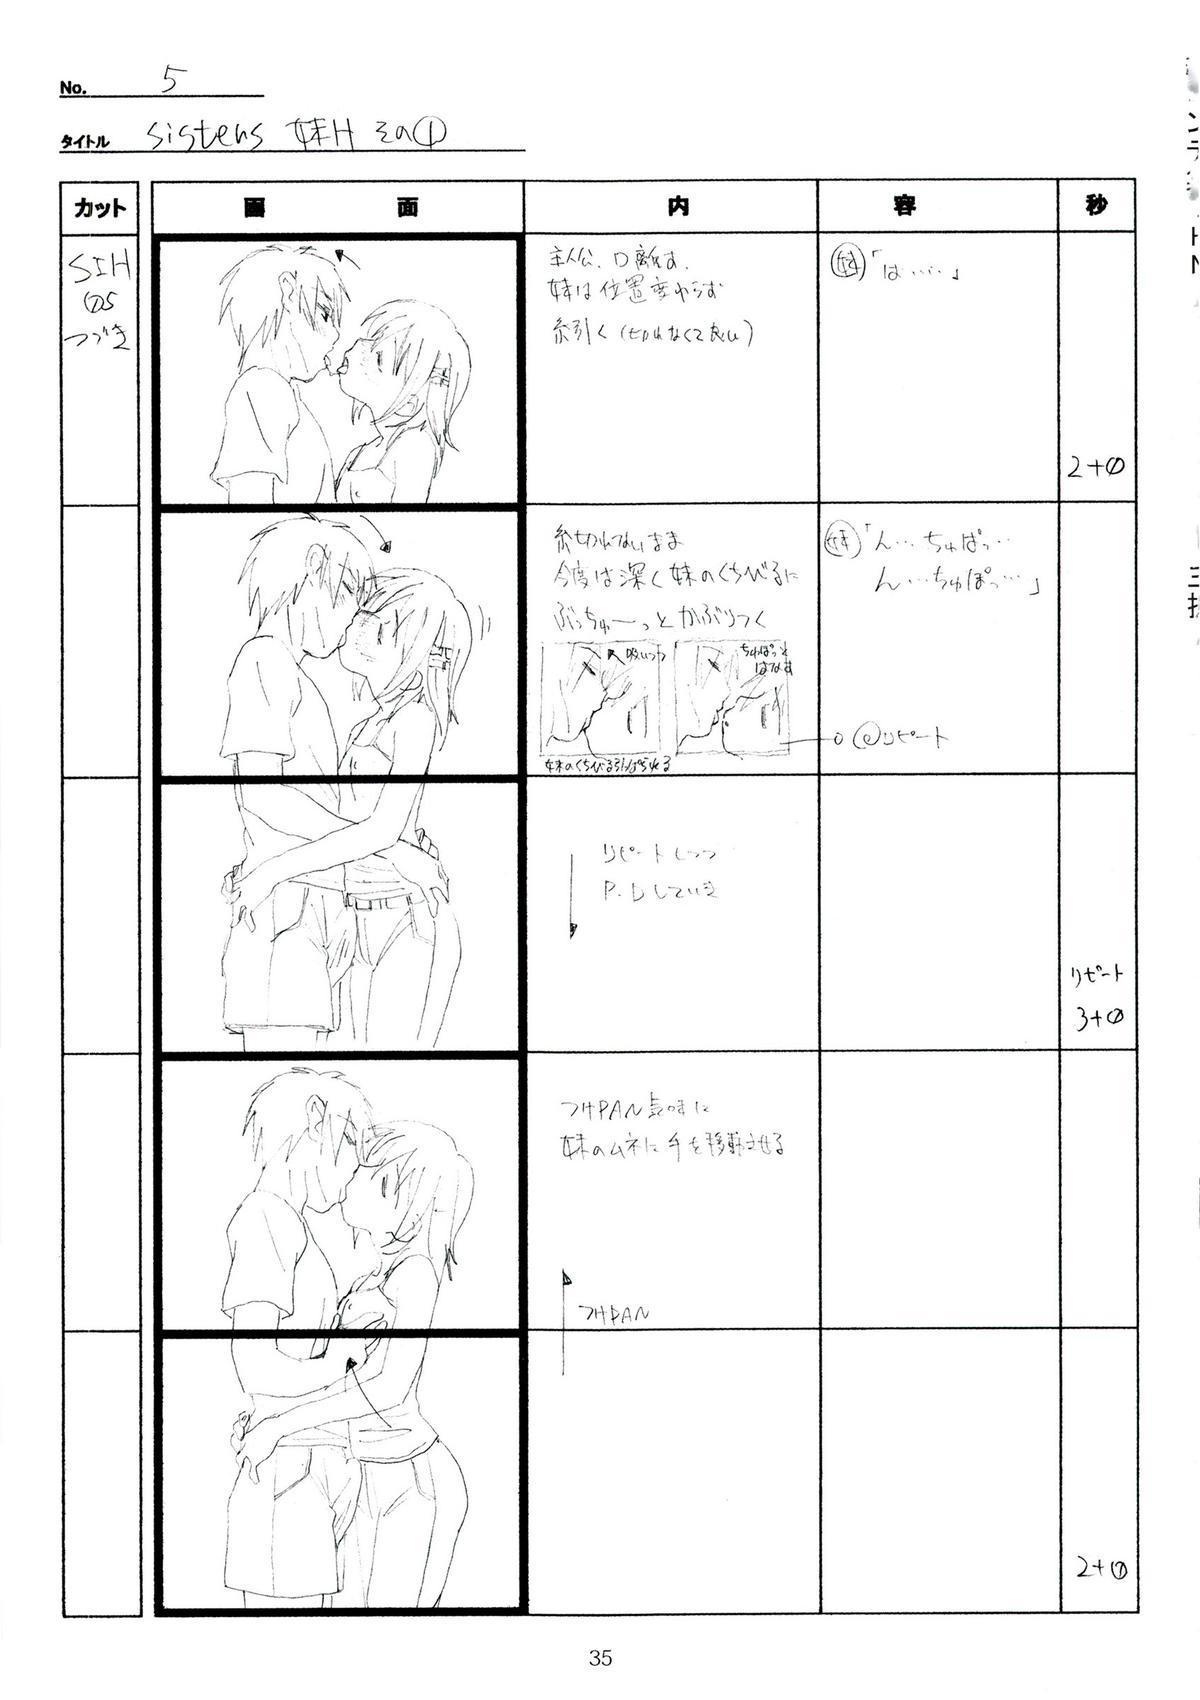 (C89) [Makino Jimusho (Taki Minashika)] SISTERS -Natsu no Saigo no Hi- H Scene All Part Storyboard (SISTERS -Natsu no Saigo no Hi-) 34